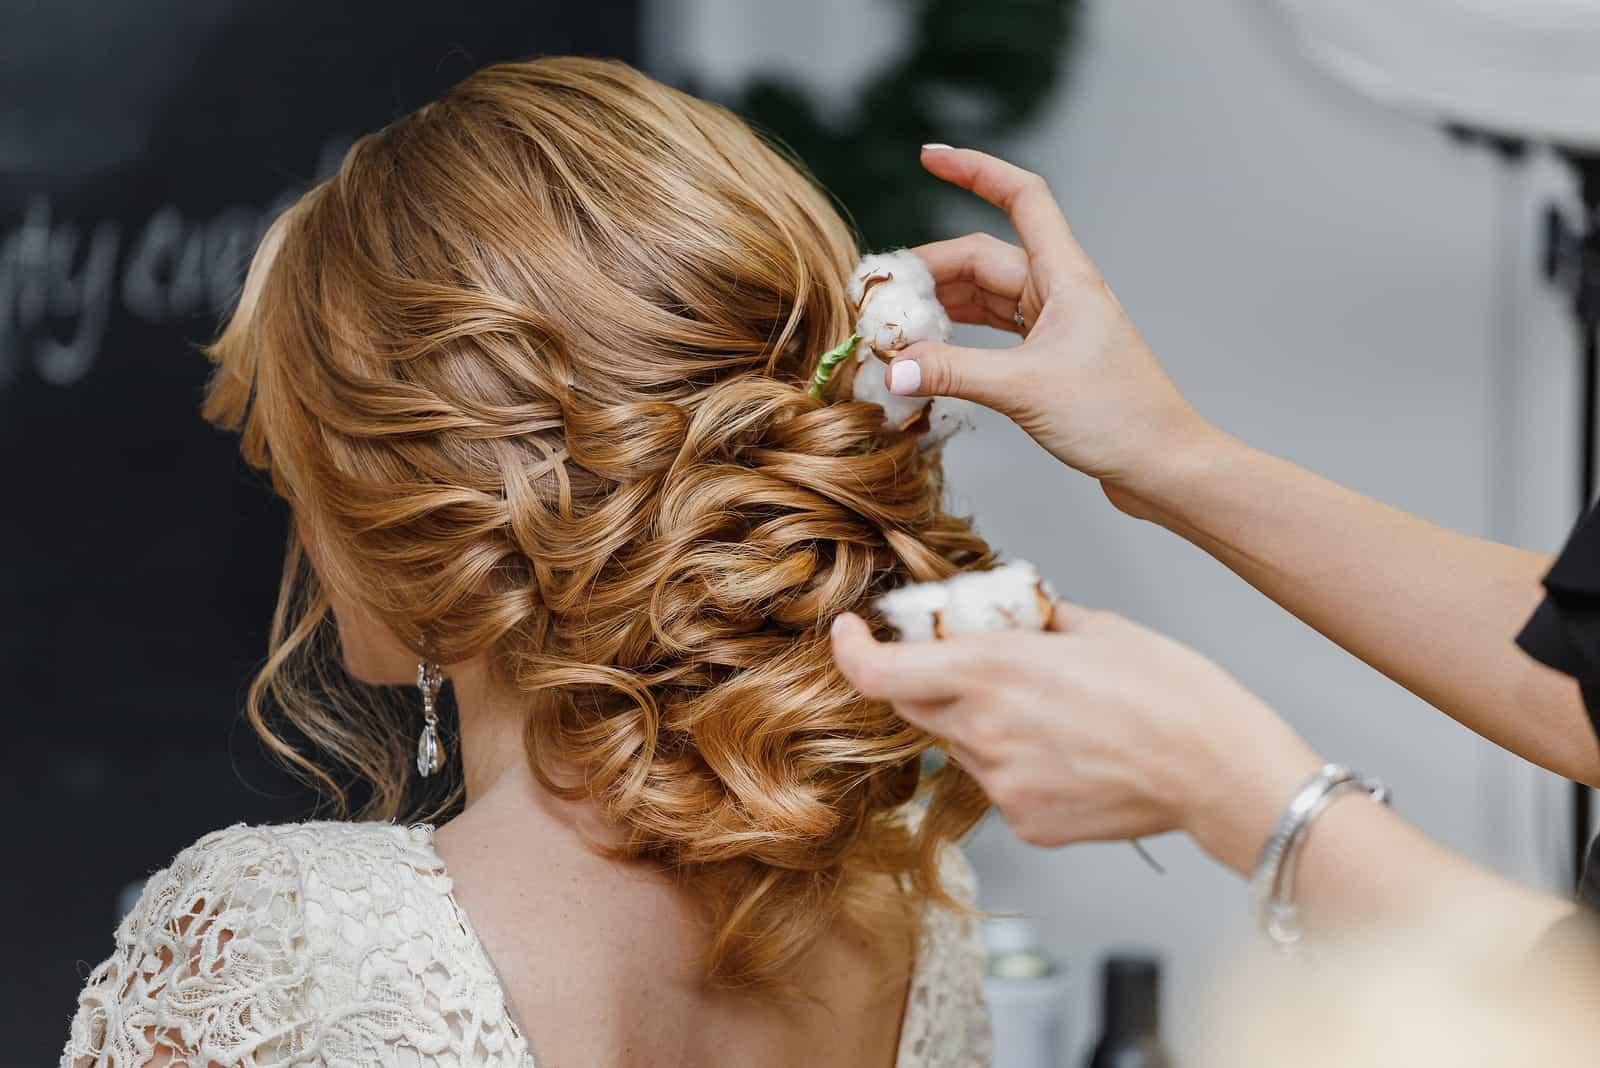 Florist macht die Braut eine Hochzeitsfrisur